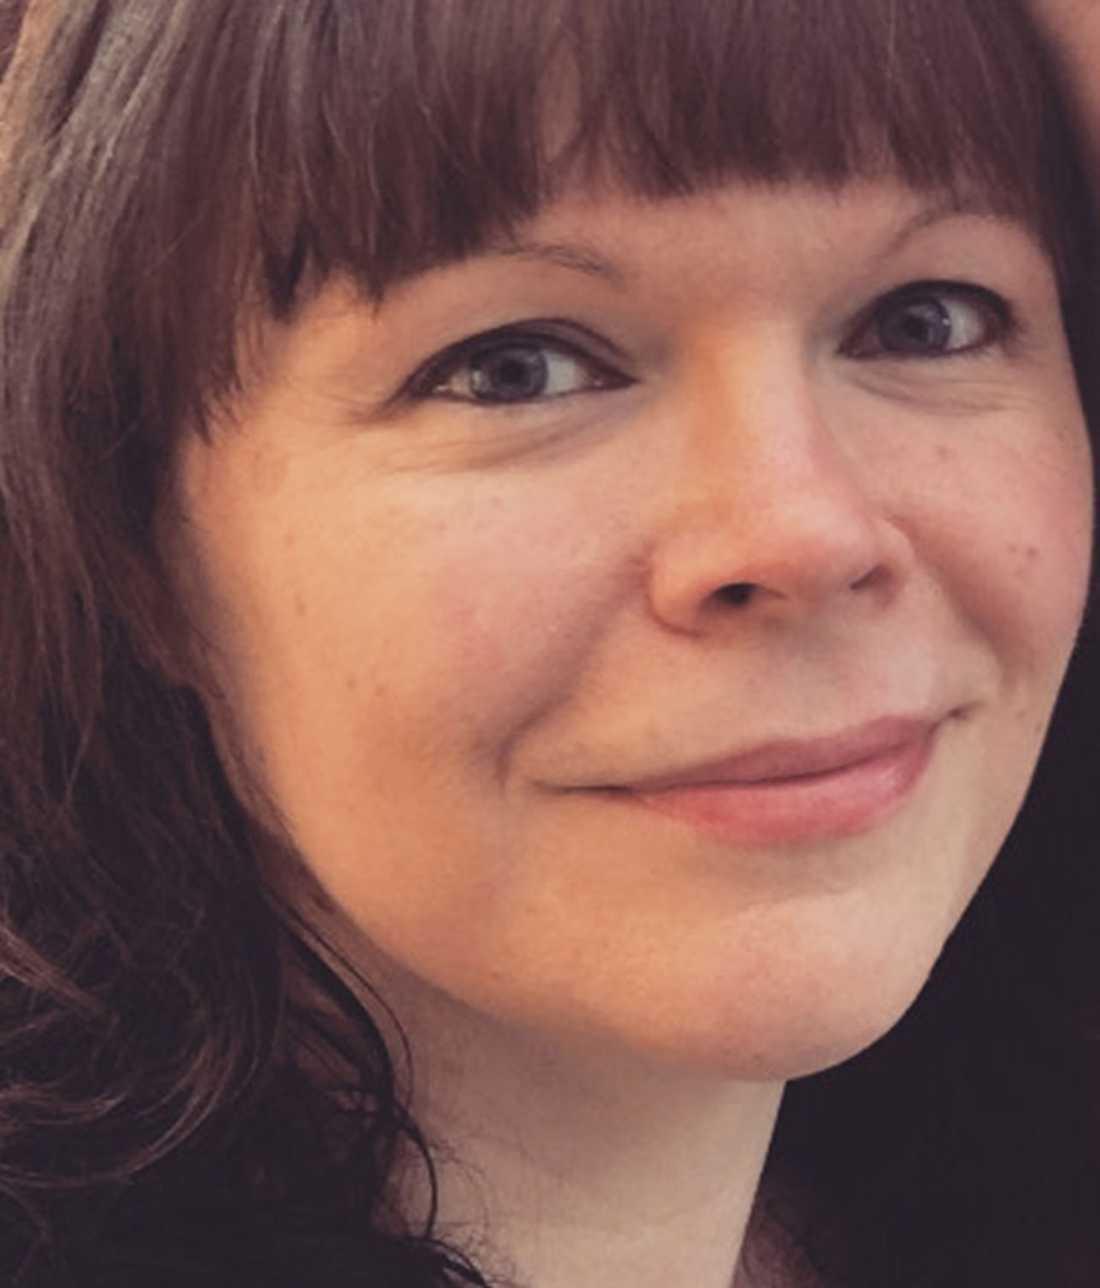 Föräldern och förskoleanställda Johanna Sjösund tycker att pepparkaksbeslutet är tråkigt.